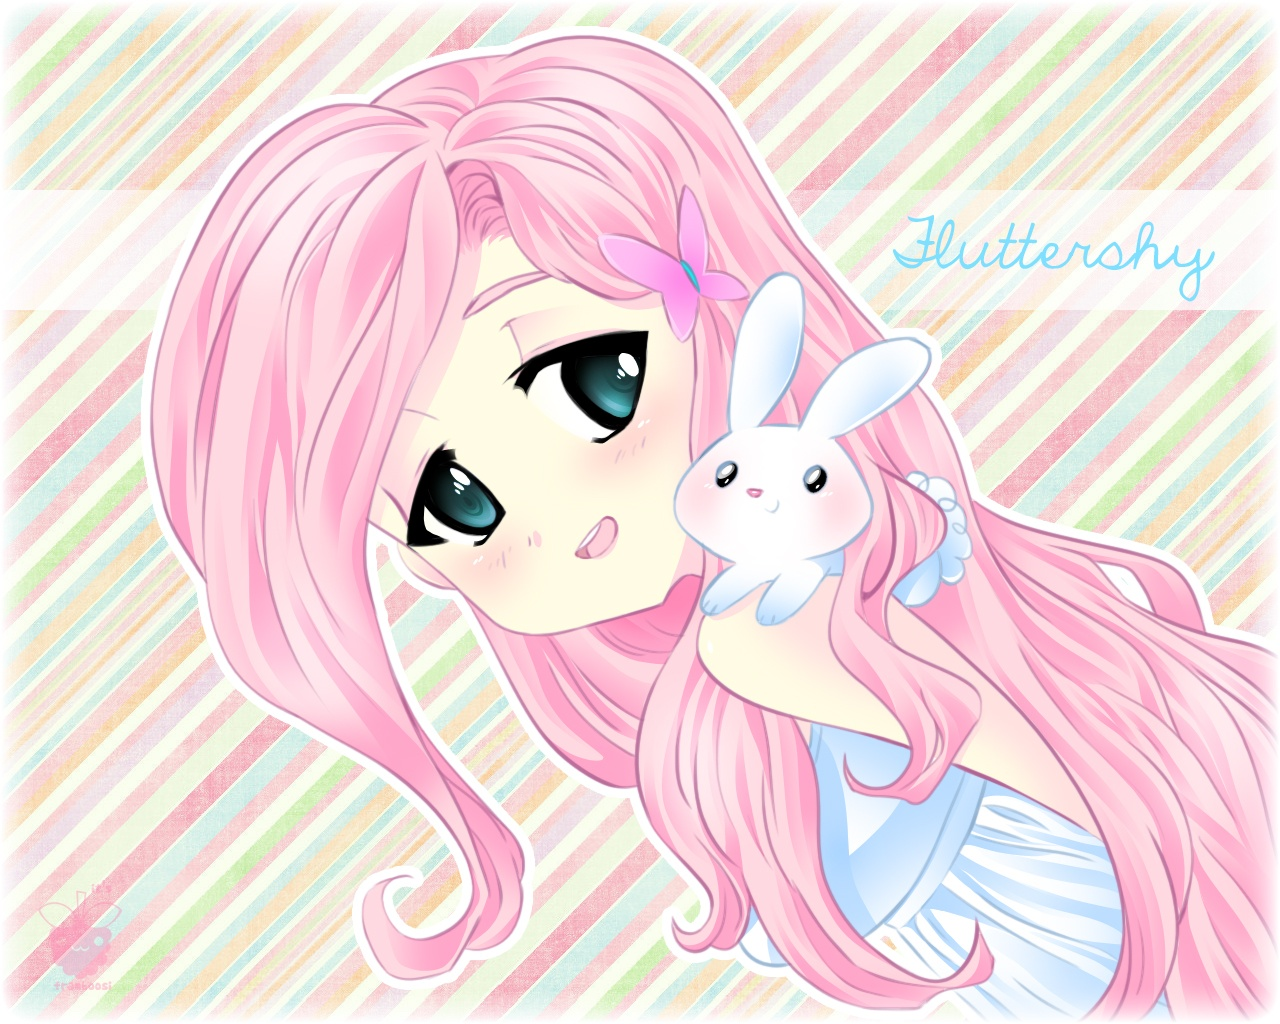 Fluttershy My Little Pony Image 1437818 Zerochan Anime Image Board